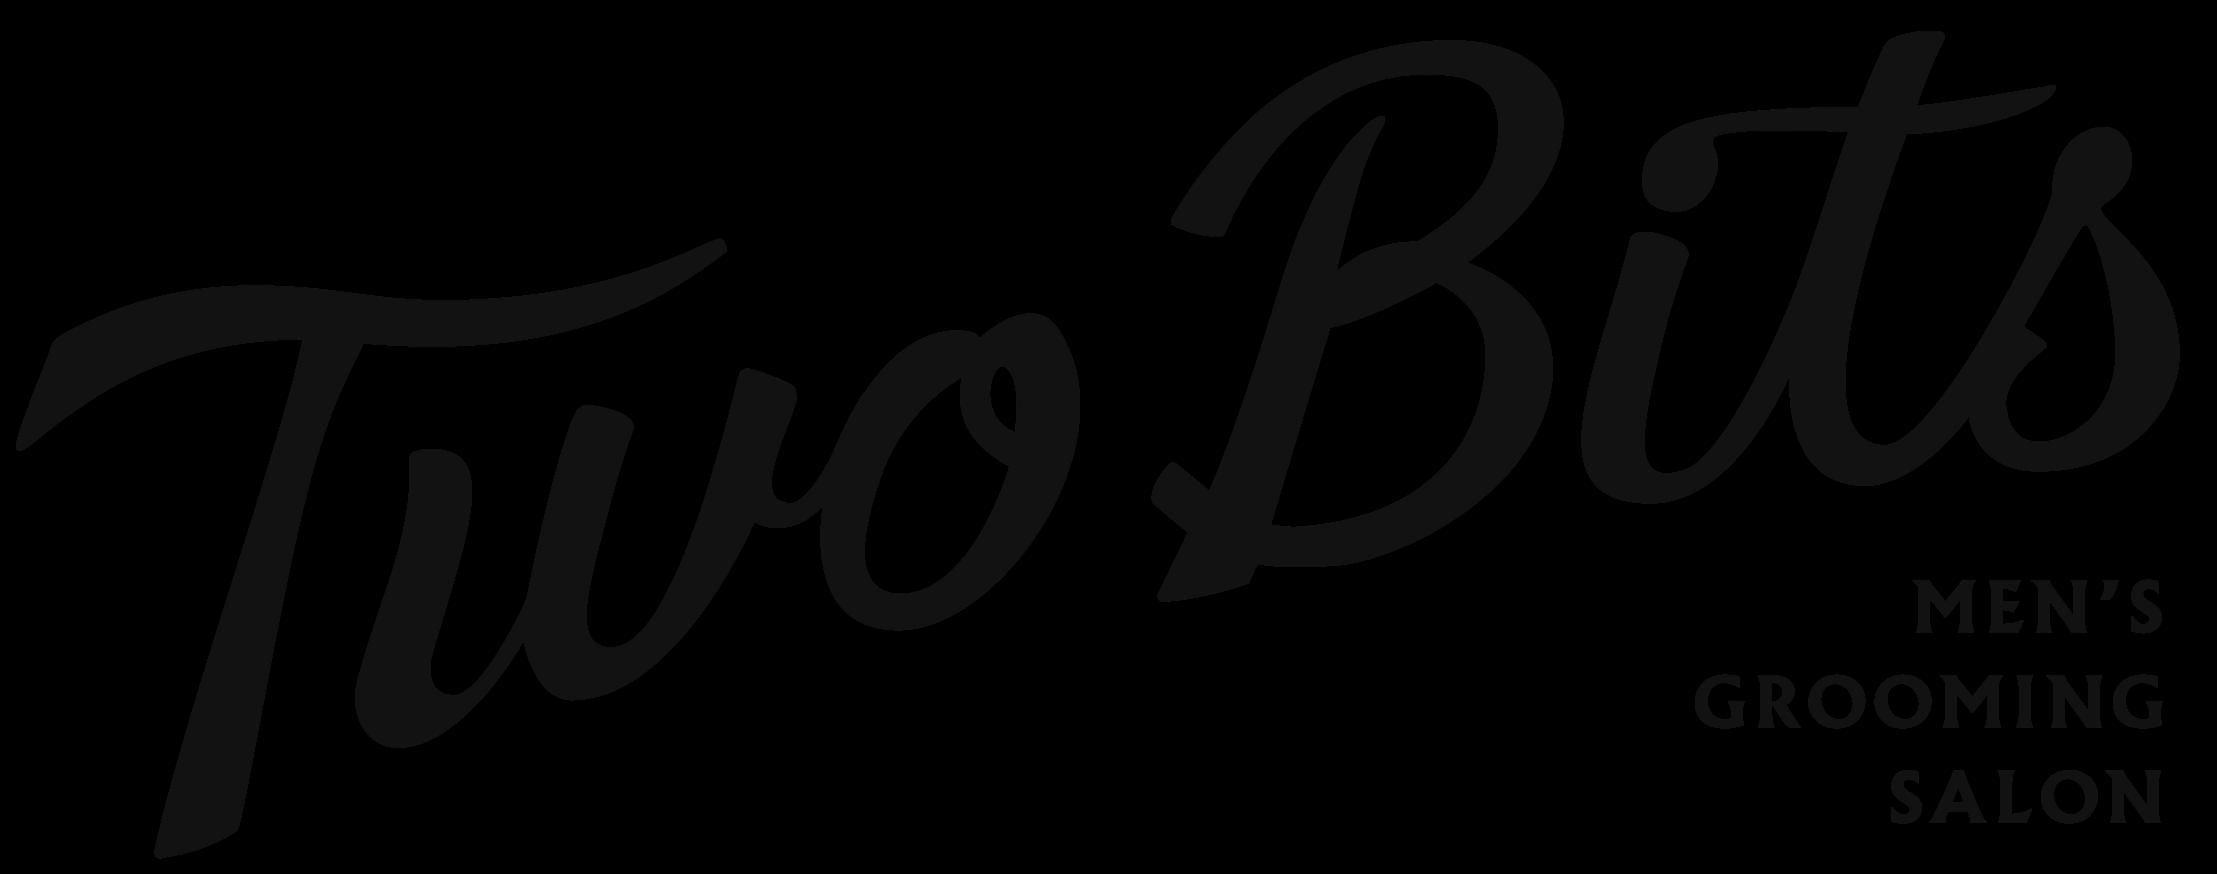 Two Bits logo.